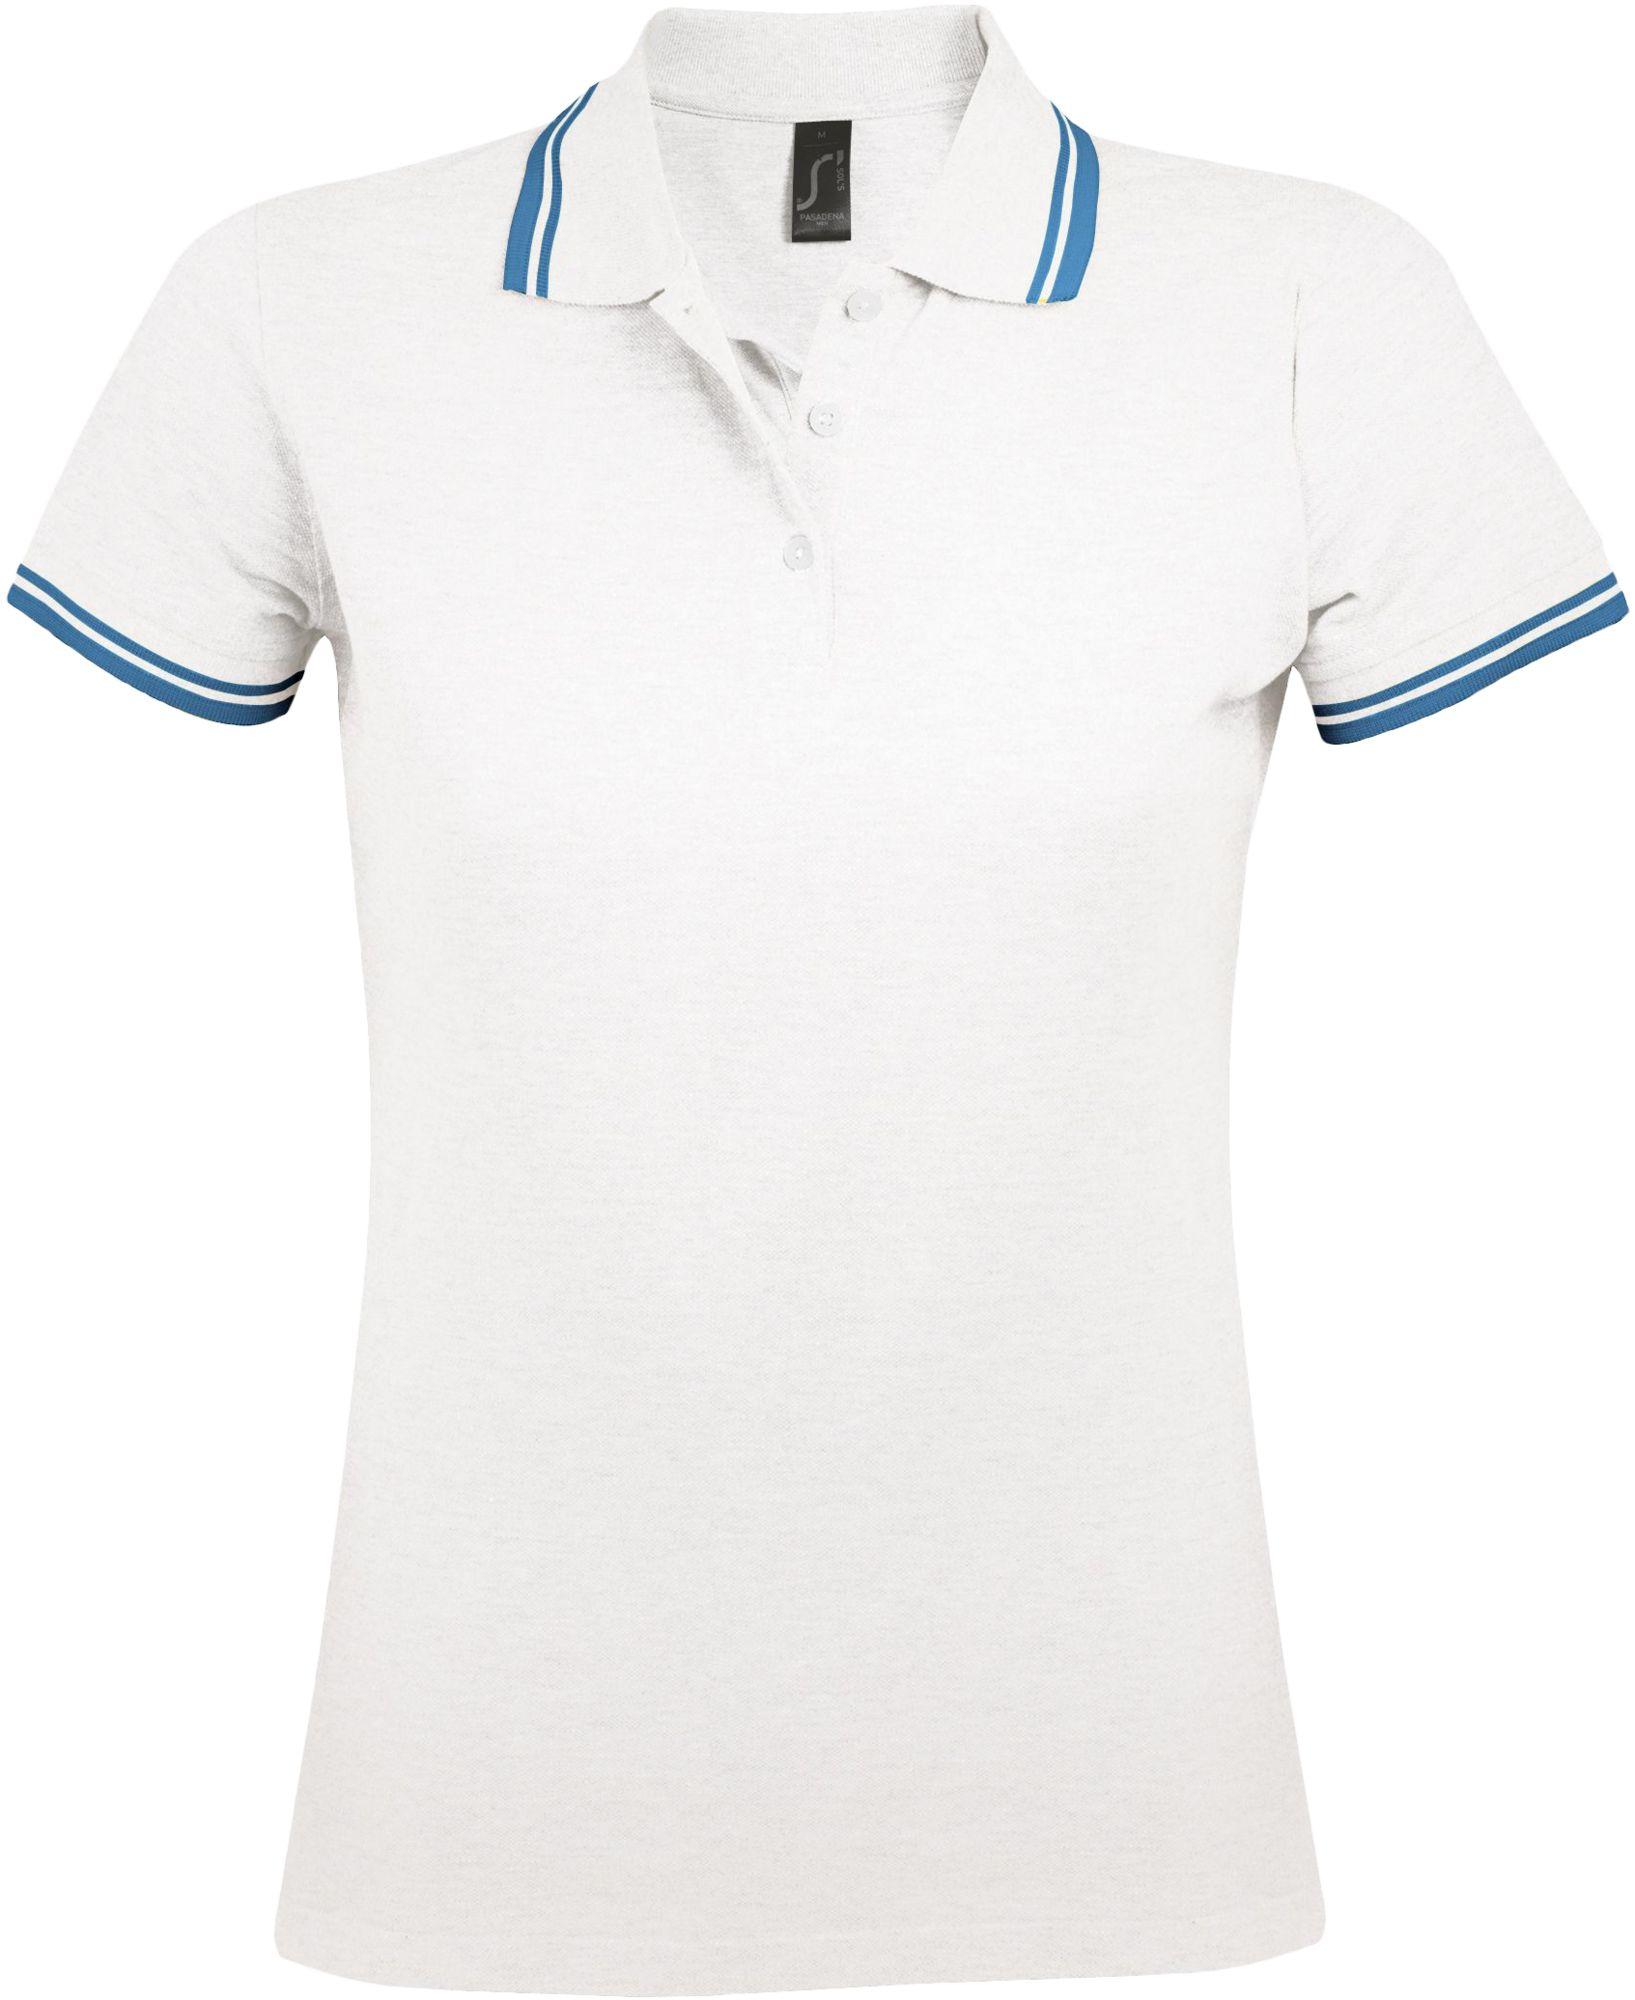 Рубашка поло женская PASADENA WOMEN 200, белая с голубым